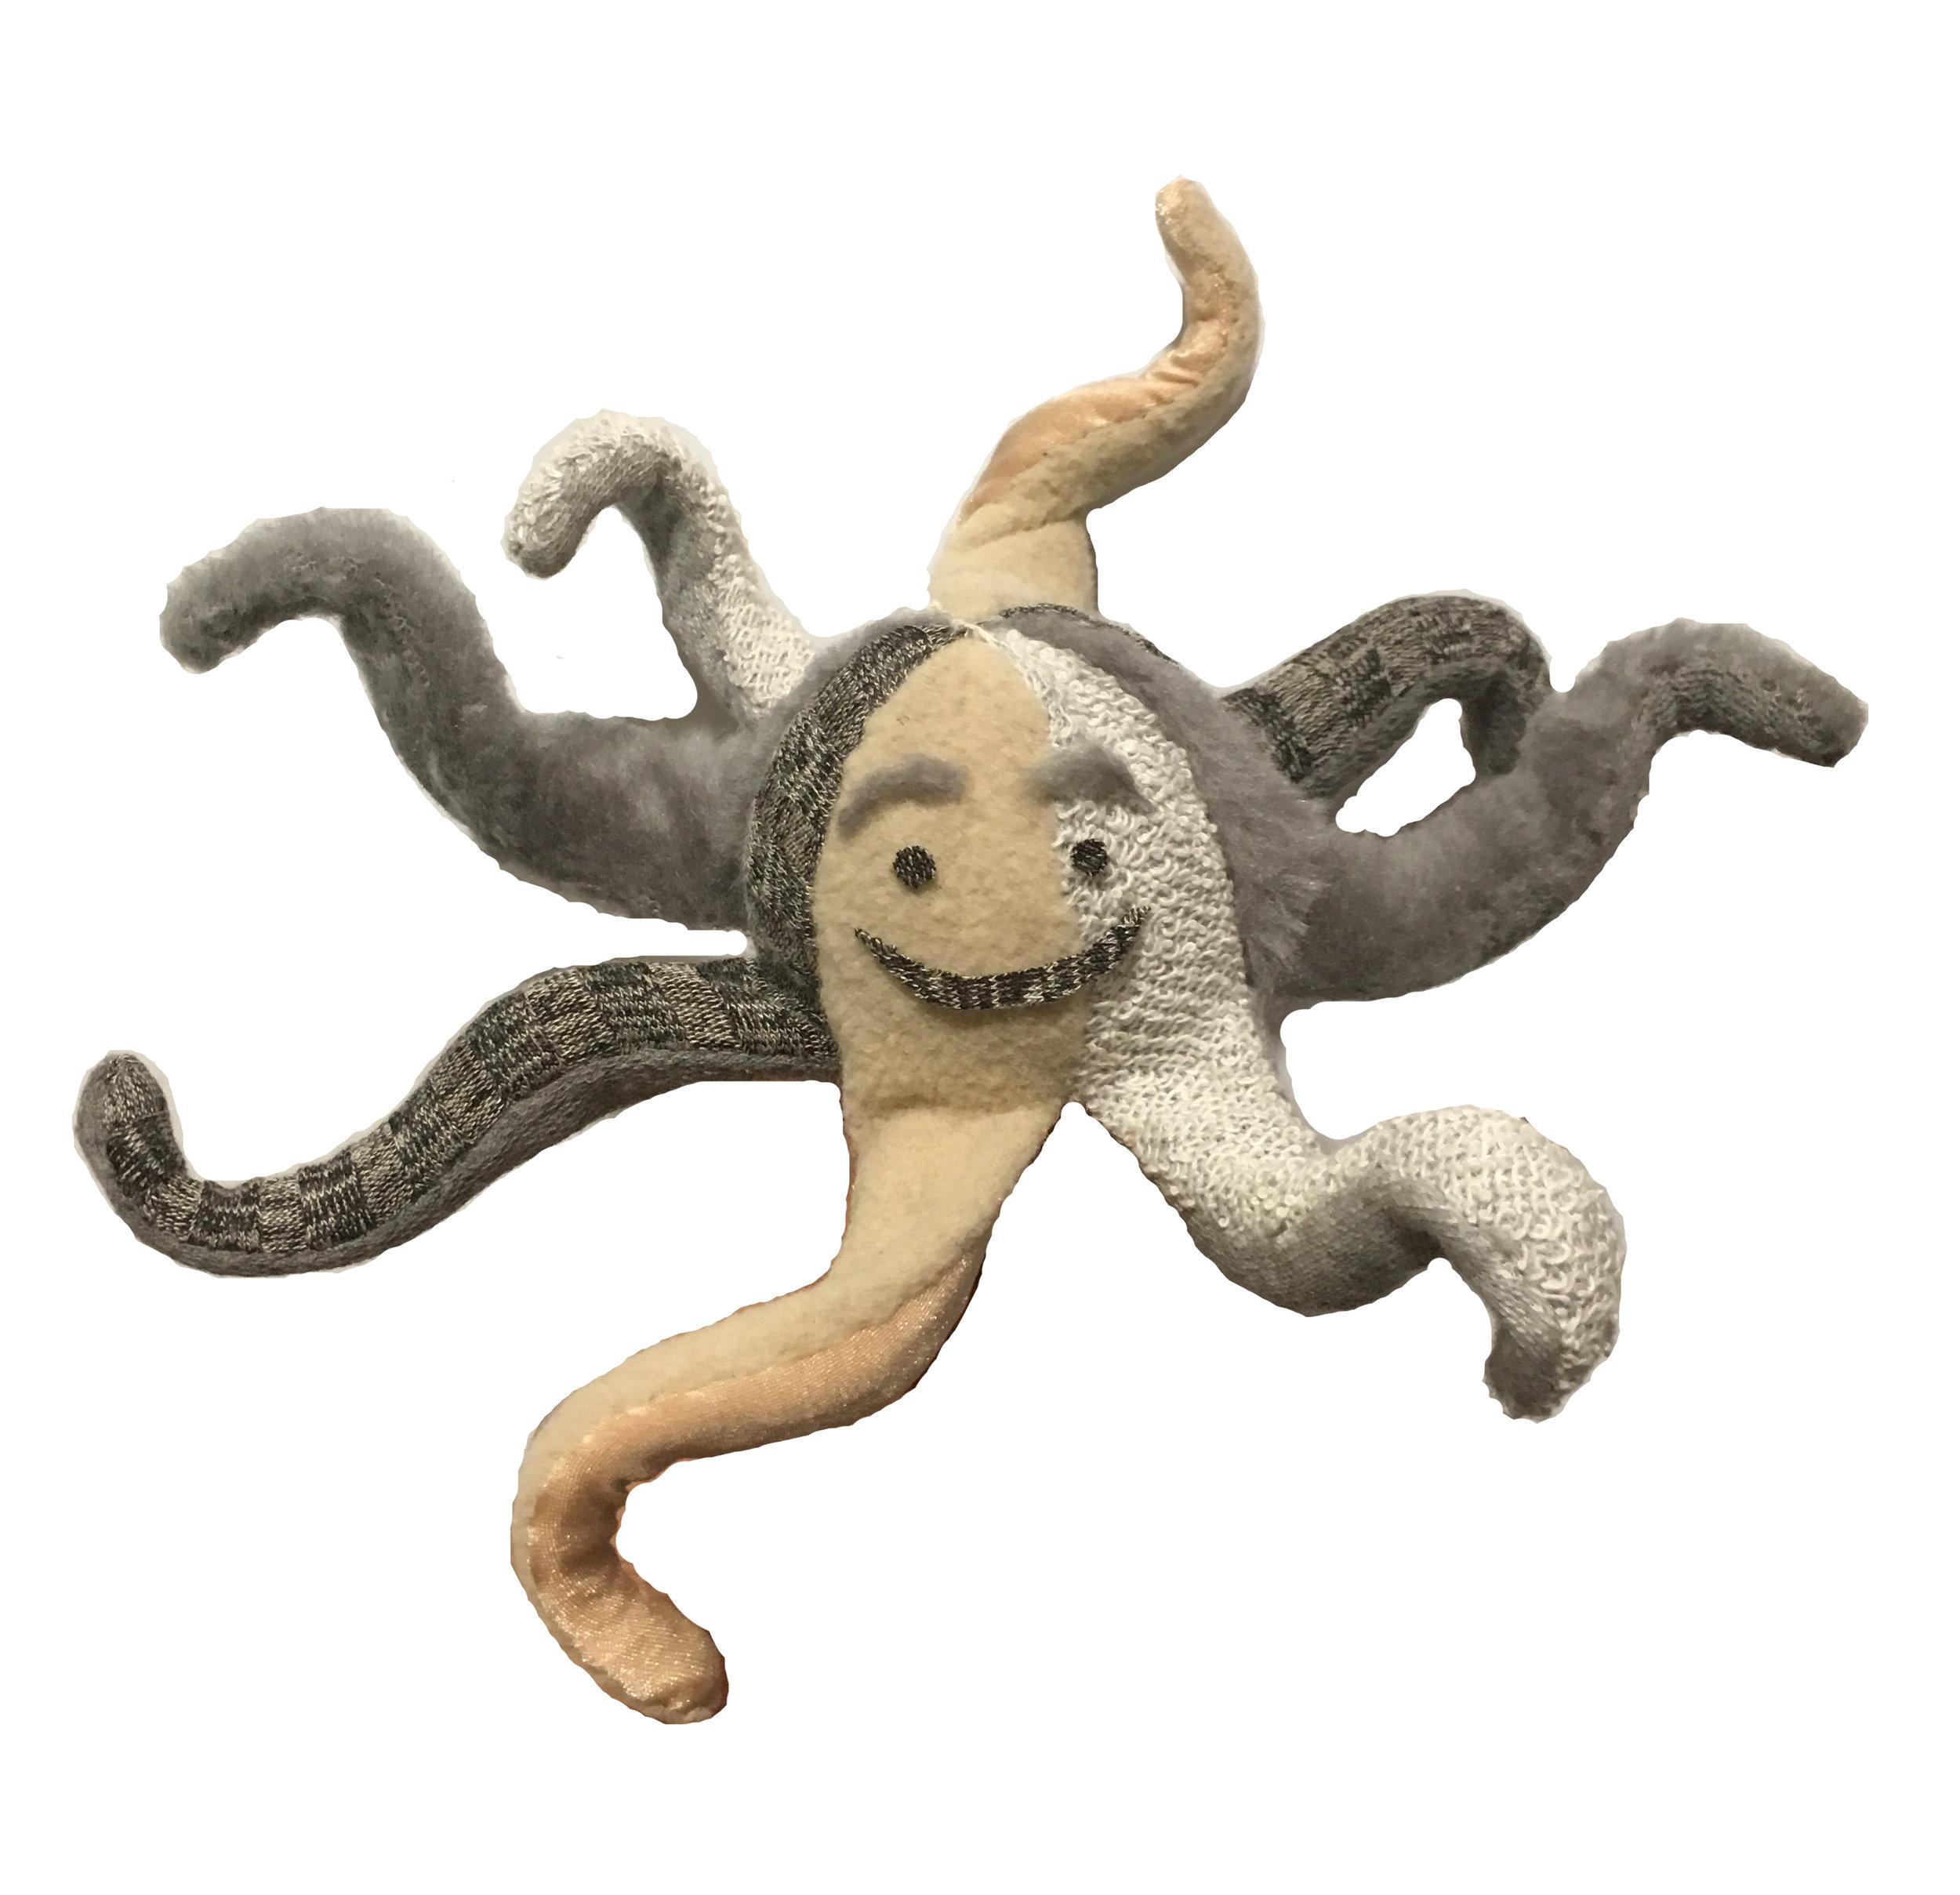 octopus_after.jpg